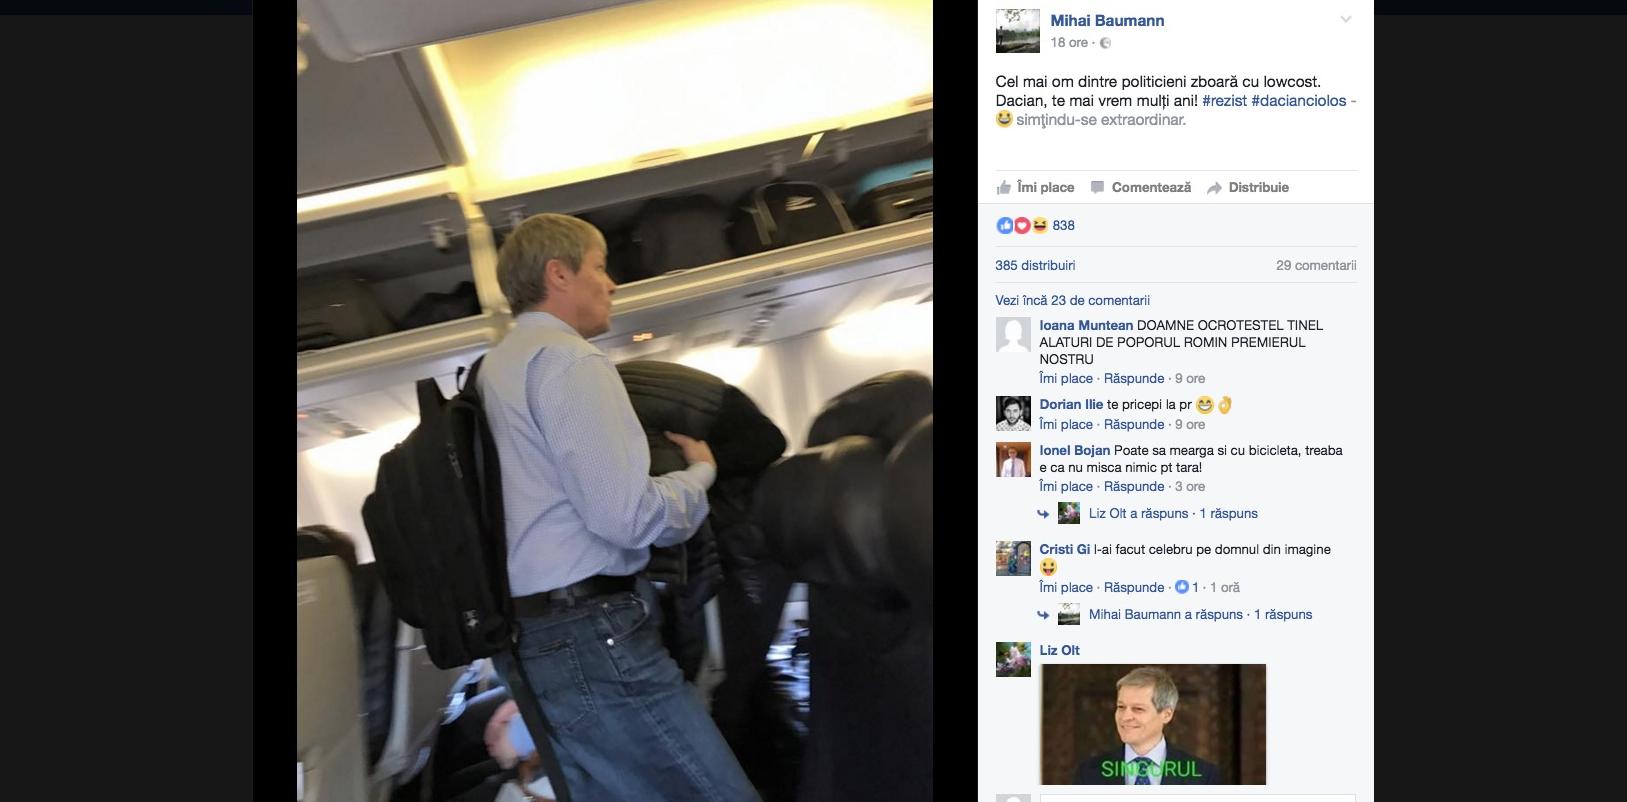 Cioloș, pozat din nou în avion la low-cost! Ăsta nu se mai satură de imagine!